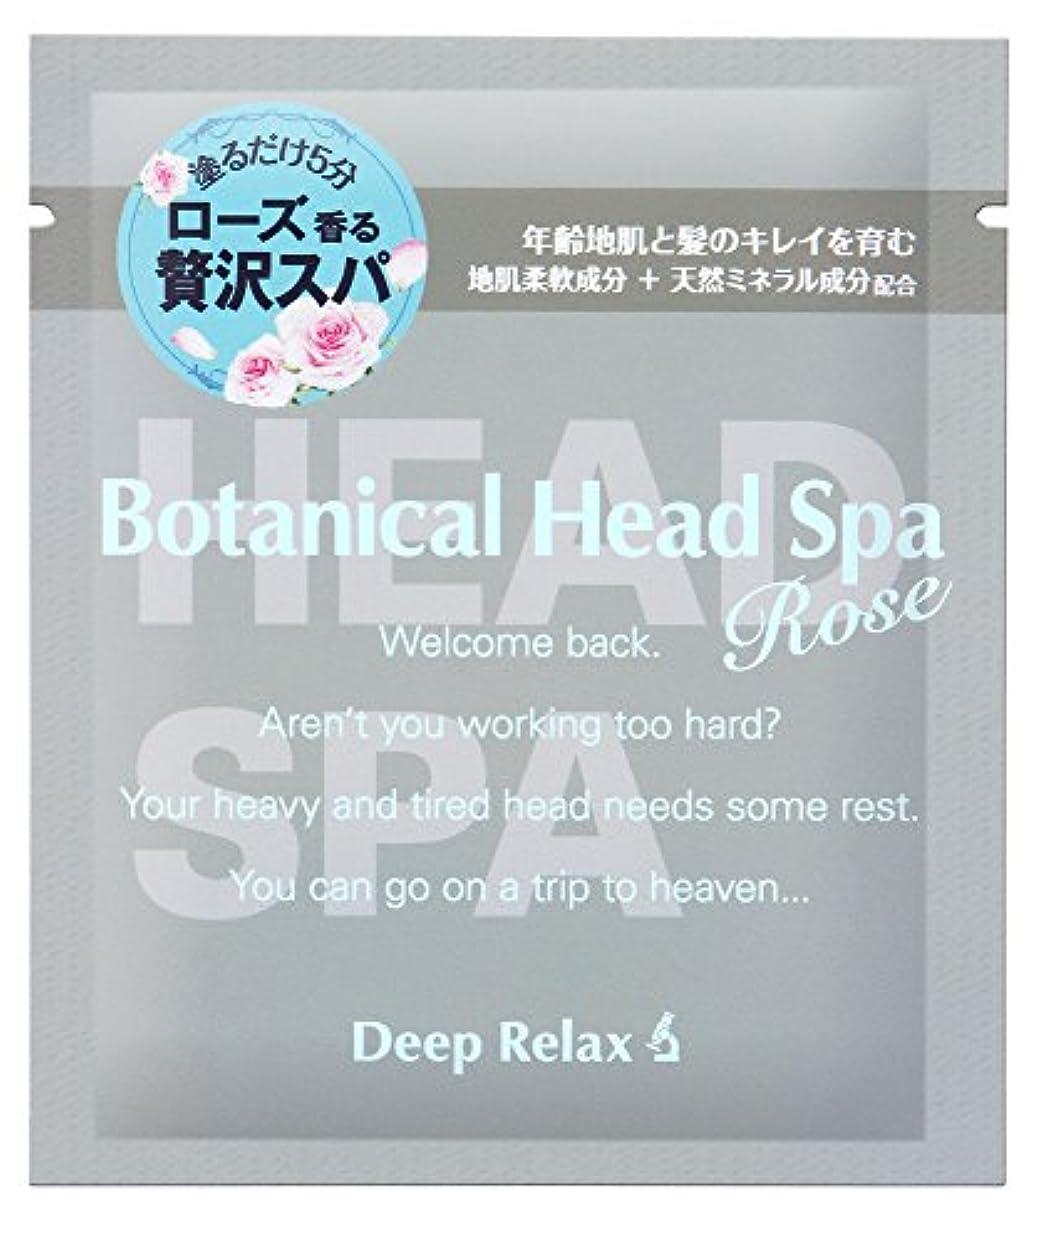 遠洋のテラス準備した髪質改善研究所 ボタニカルヘッドスパローズT 30g